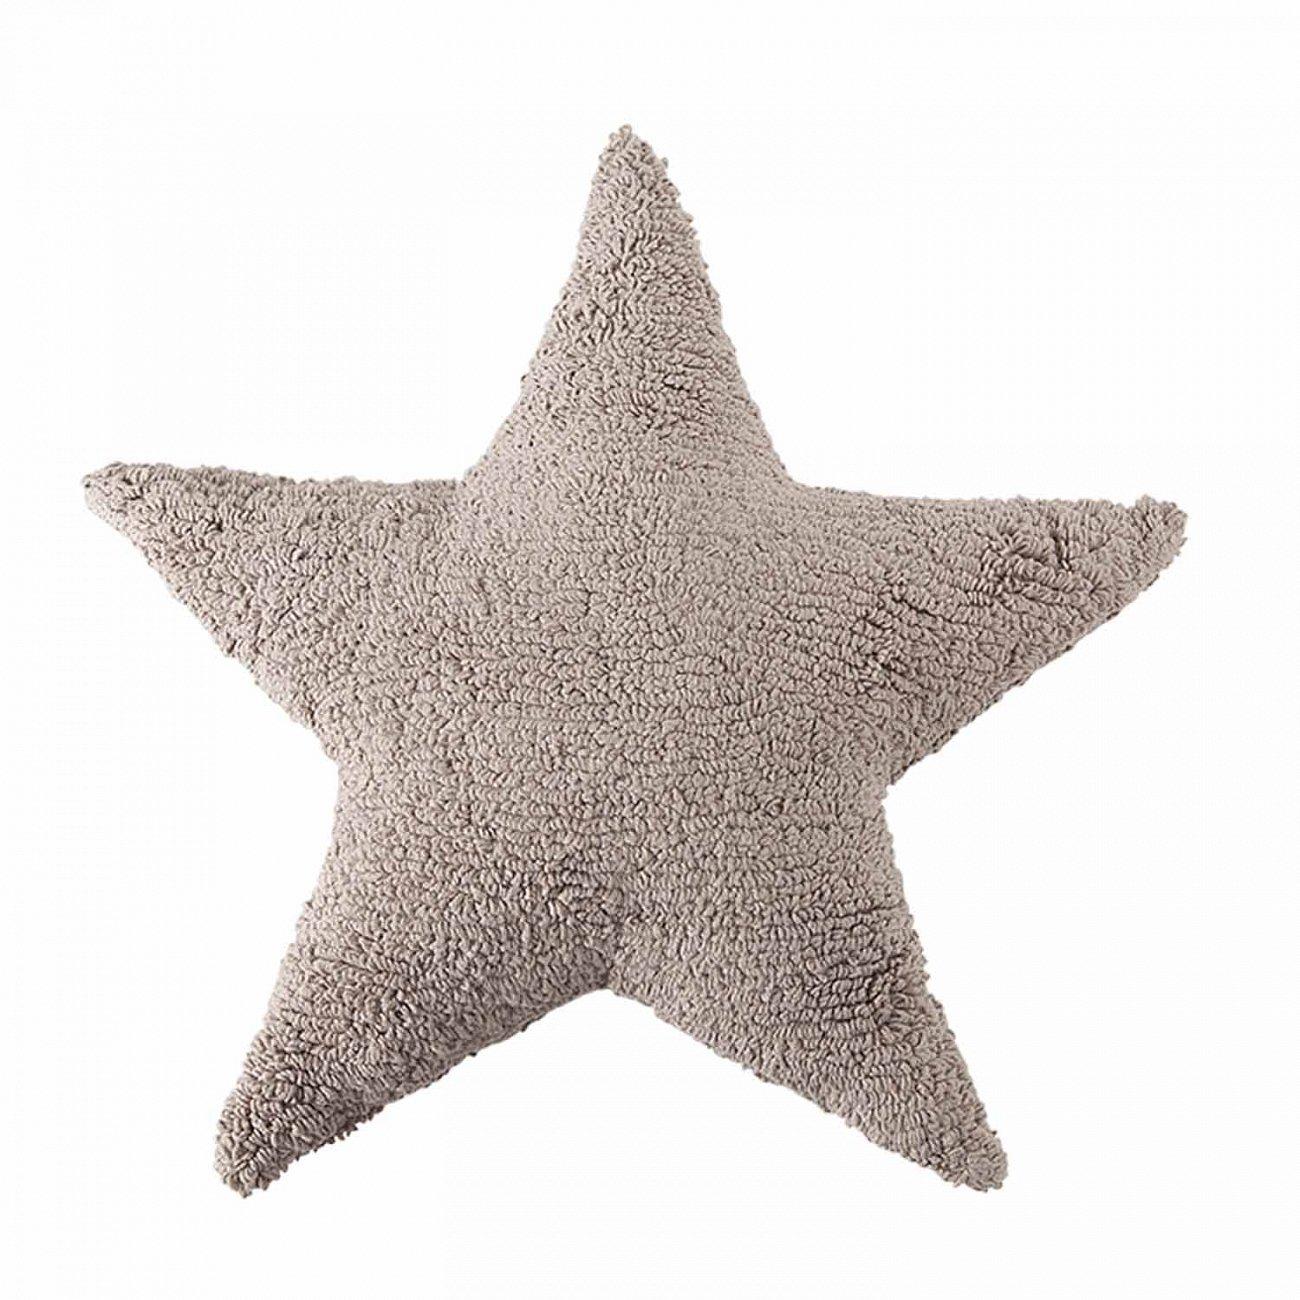 Купить Подушка Star Льняная в интернет магазине дизайнерской мебели и аксессуаров для дома и дачи